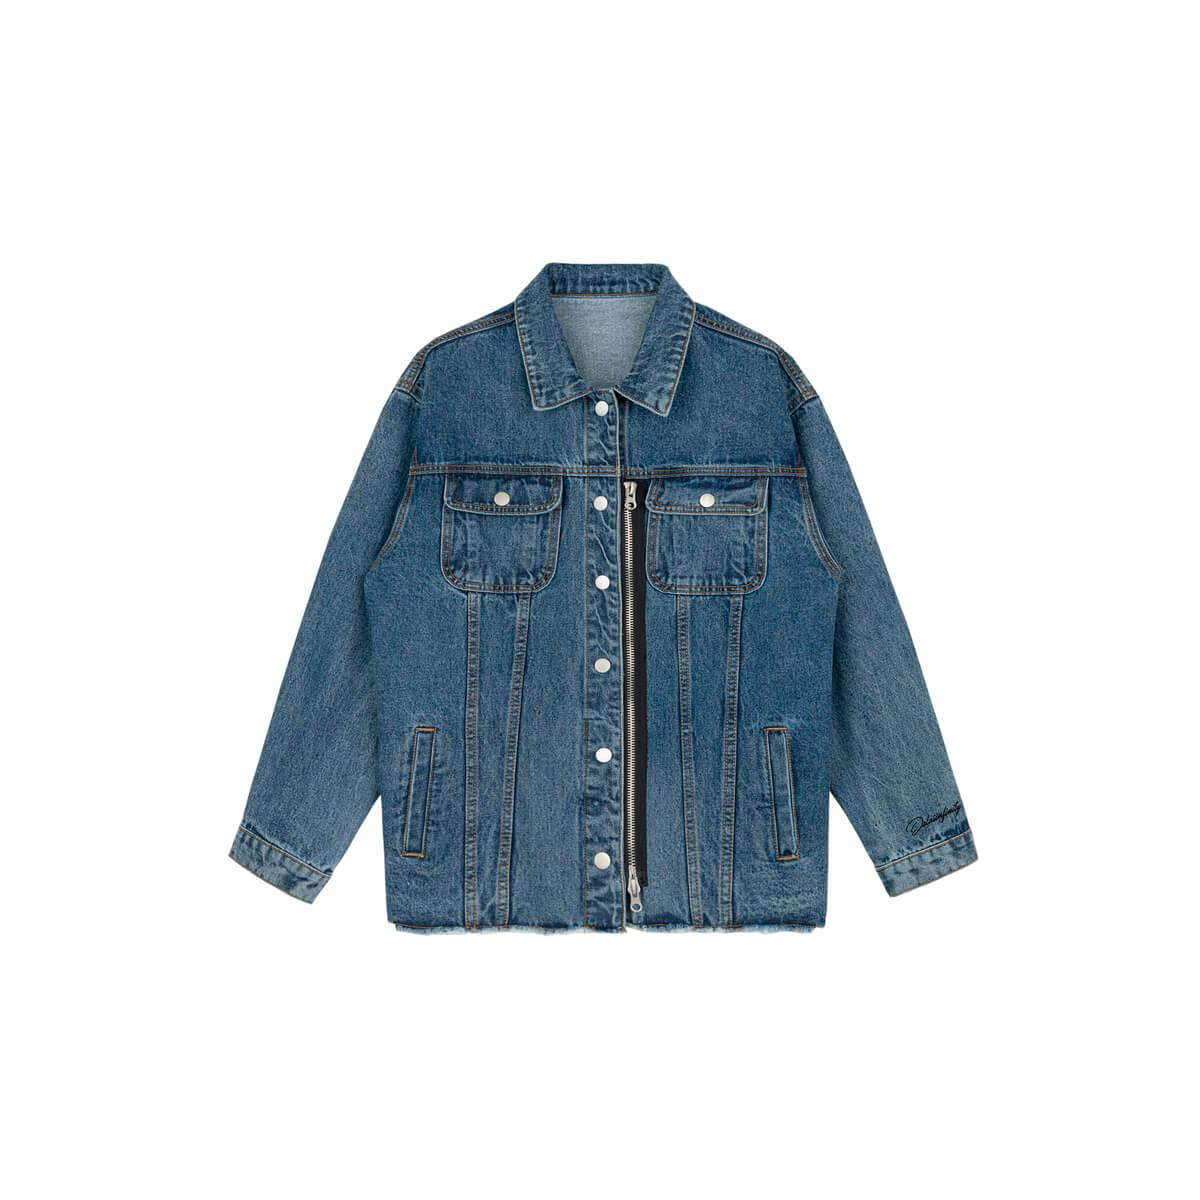 Джинсовая куртка DL Studio Denim Zipper Jacket Blue